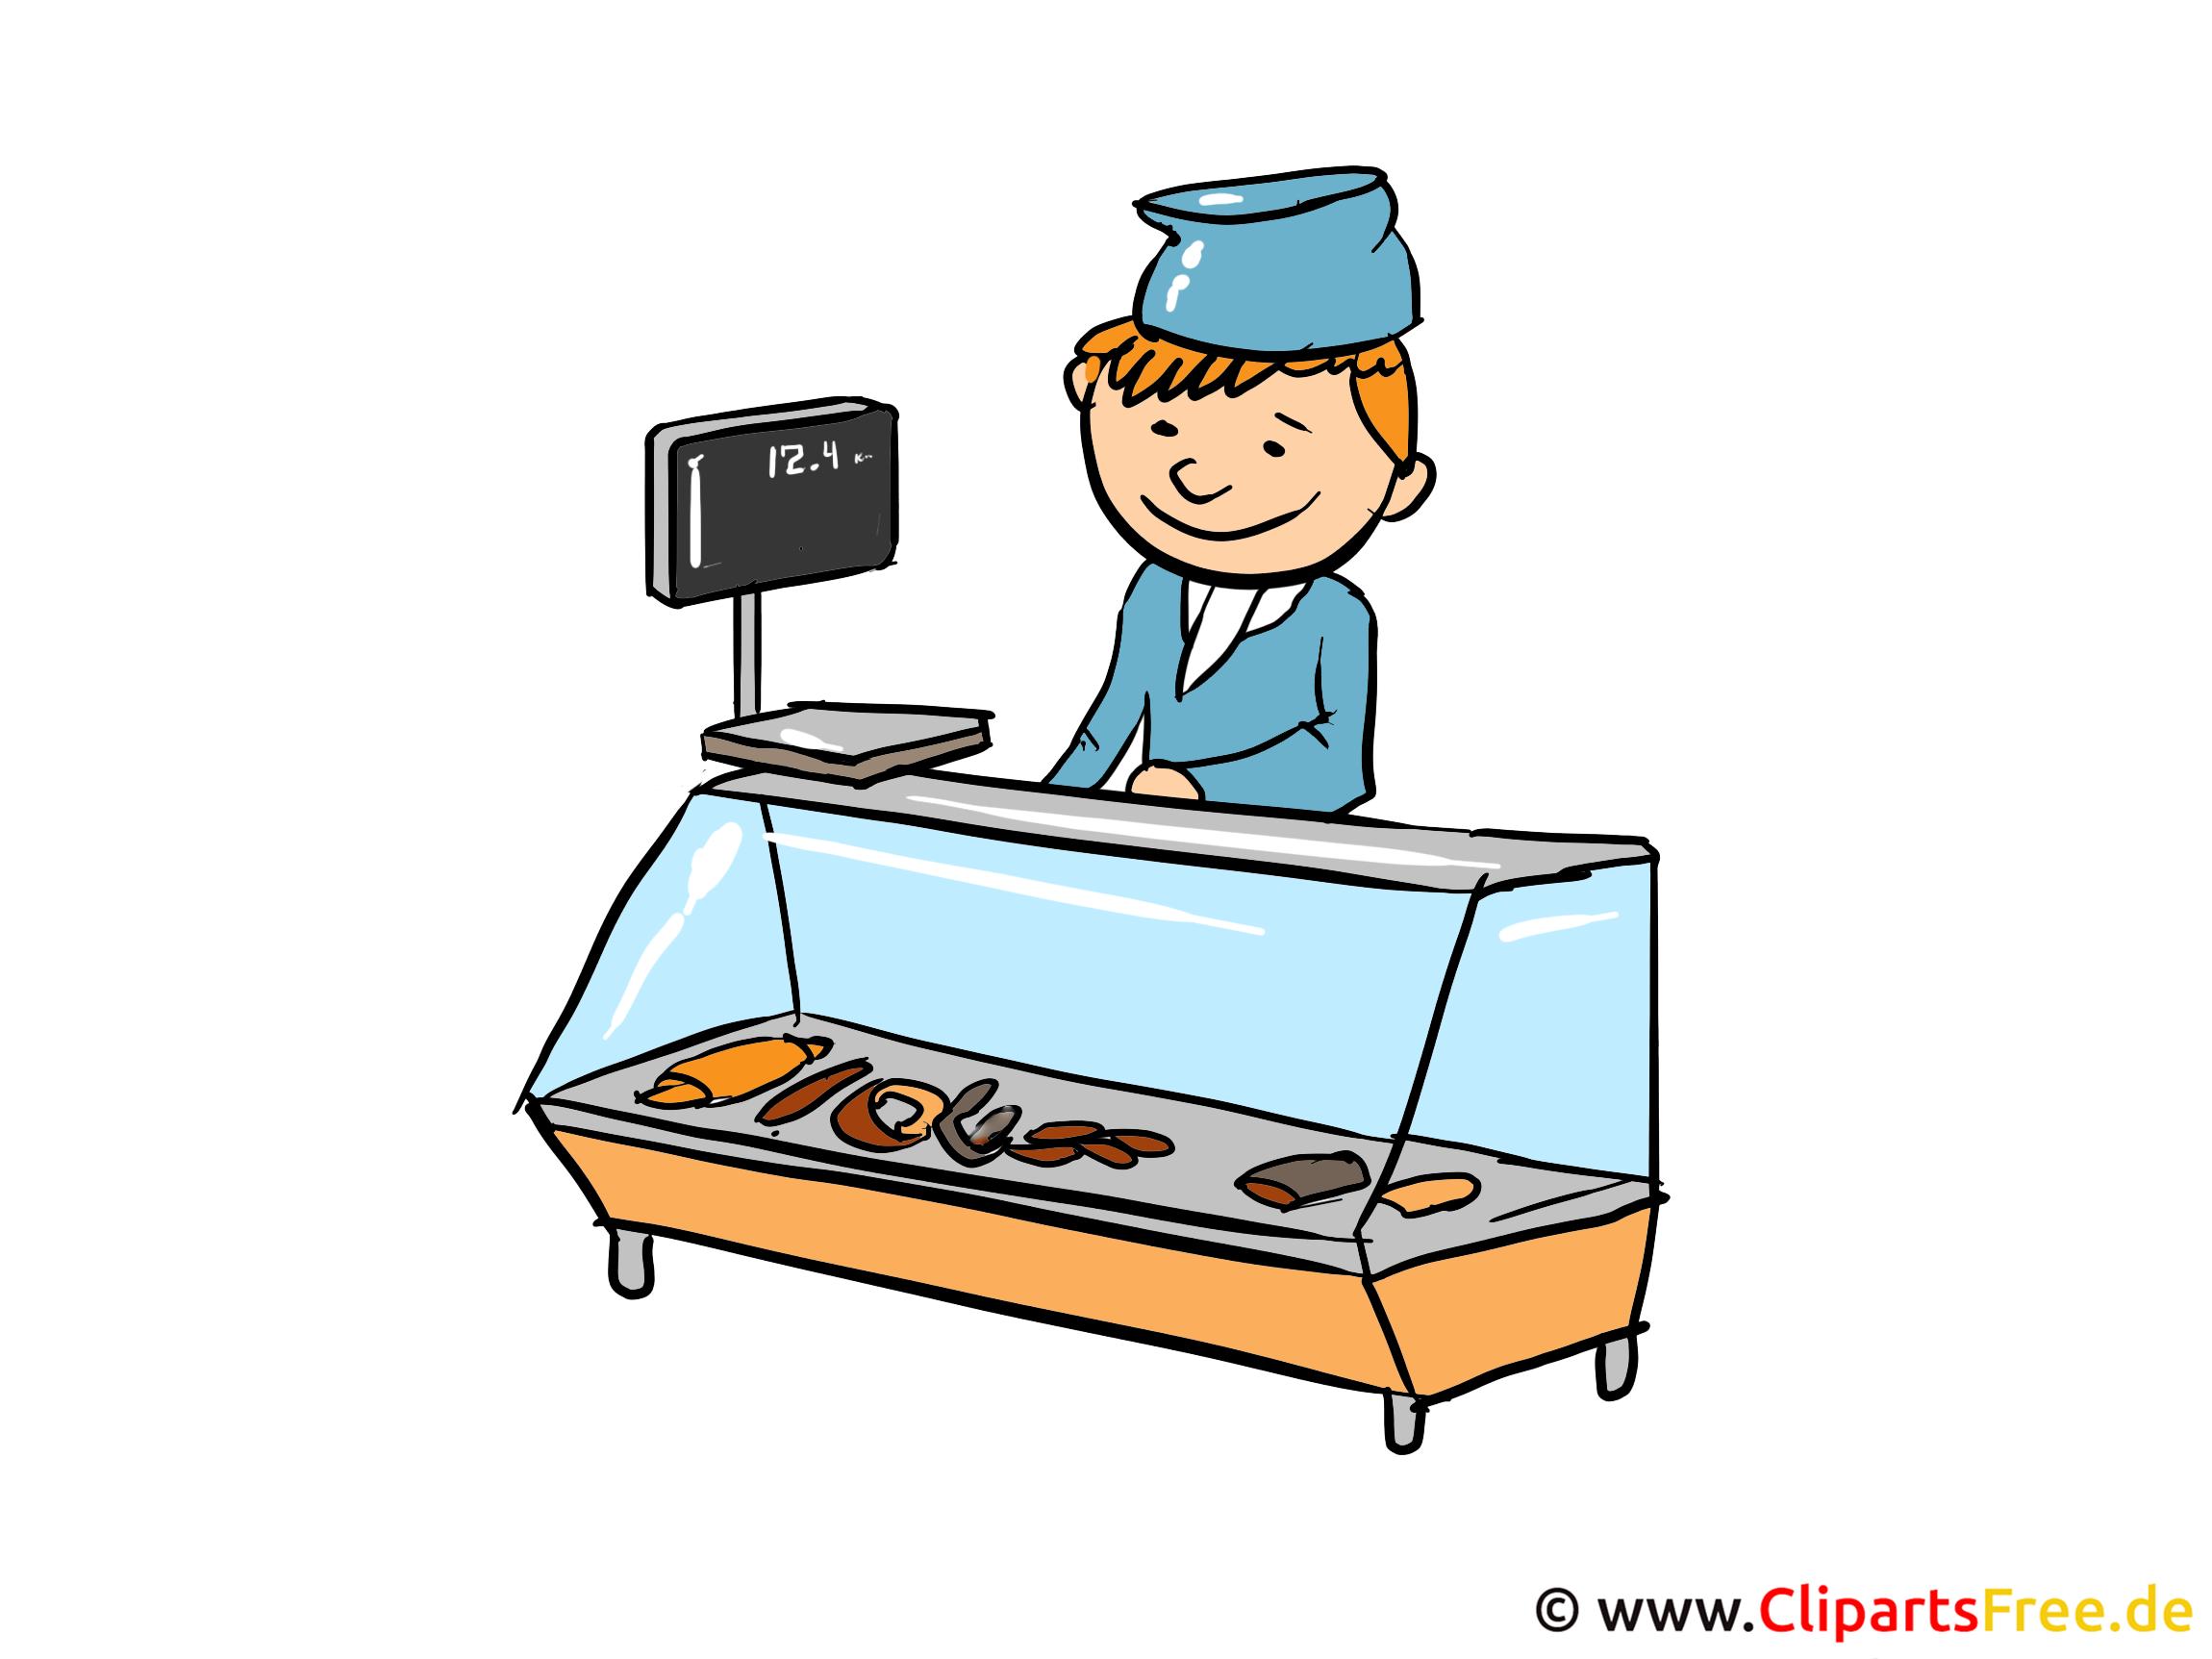 Verkäufer Clipart, Bild, Cartoon, Illustration kostenlos